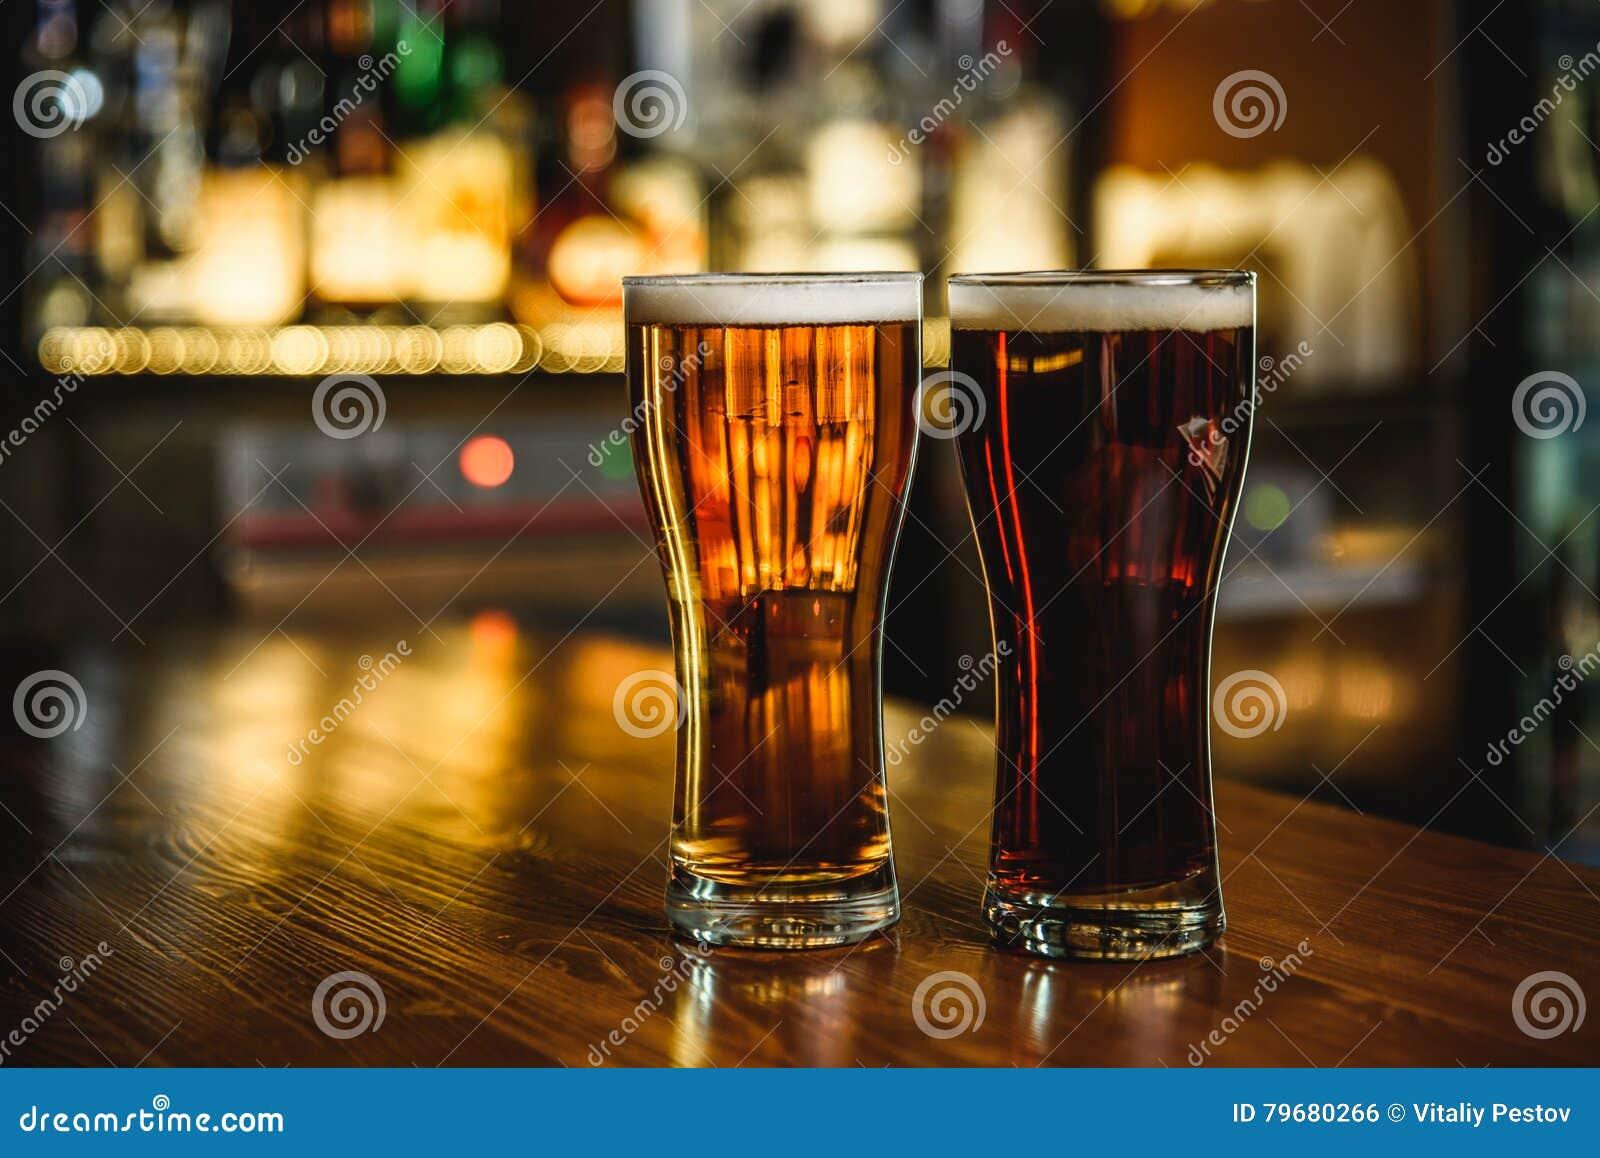 Светлое и темное пиво на предпосылке паба